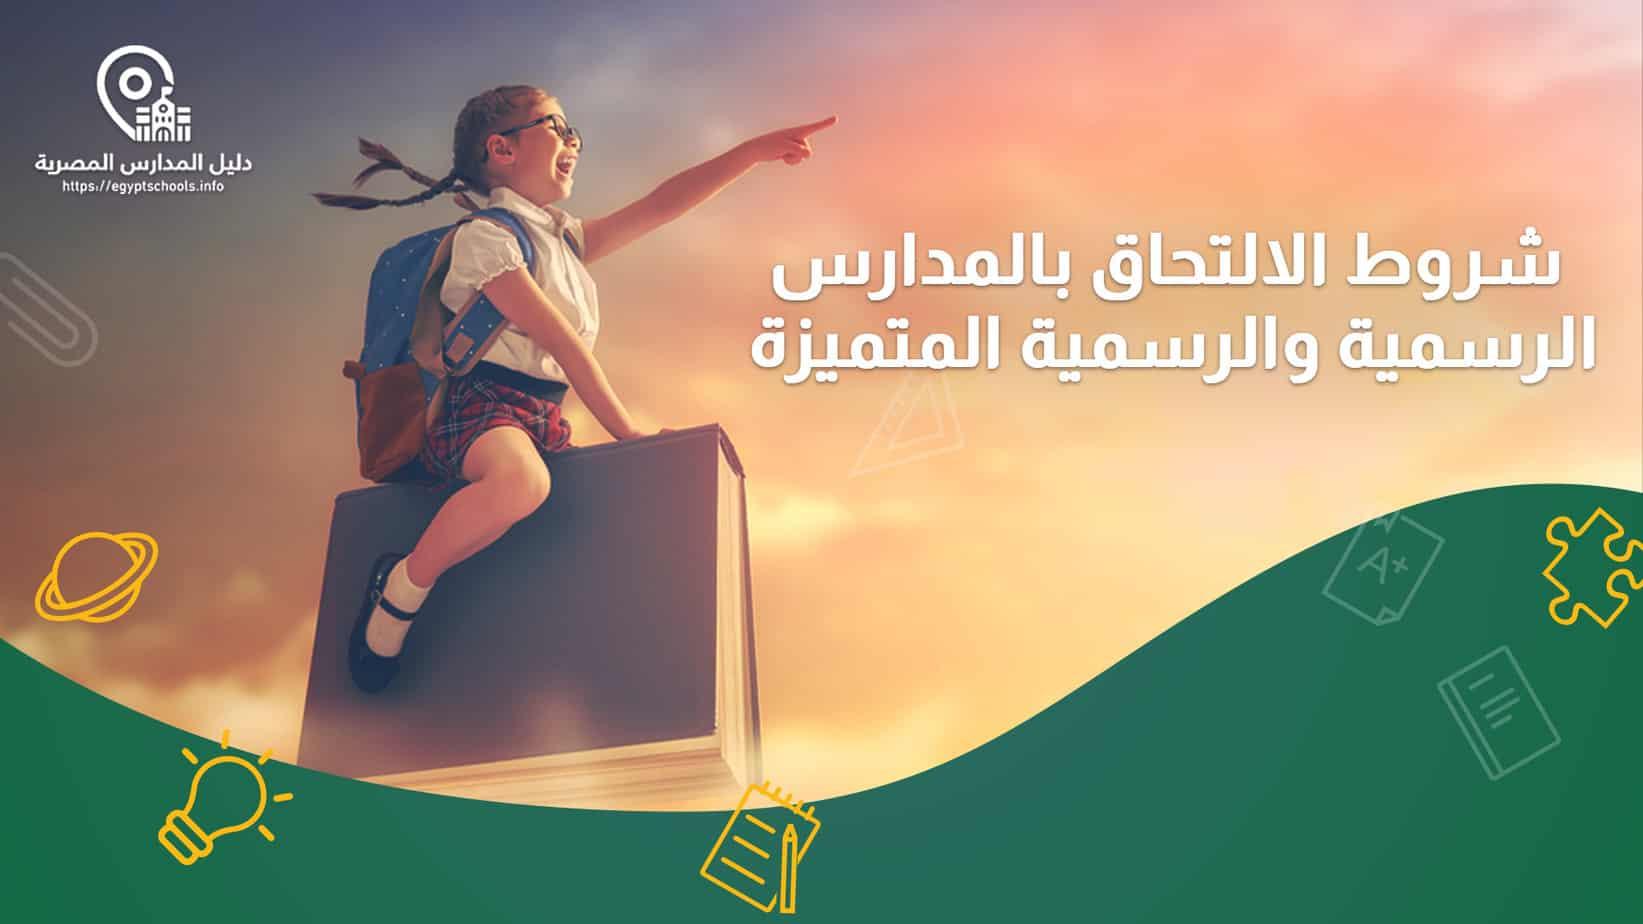 شروط الالتحاق بالمدارس الرسمية والرسمية المتميزة